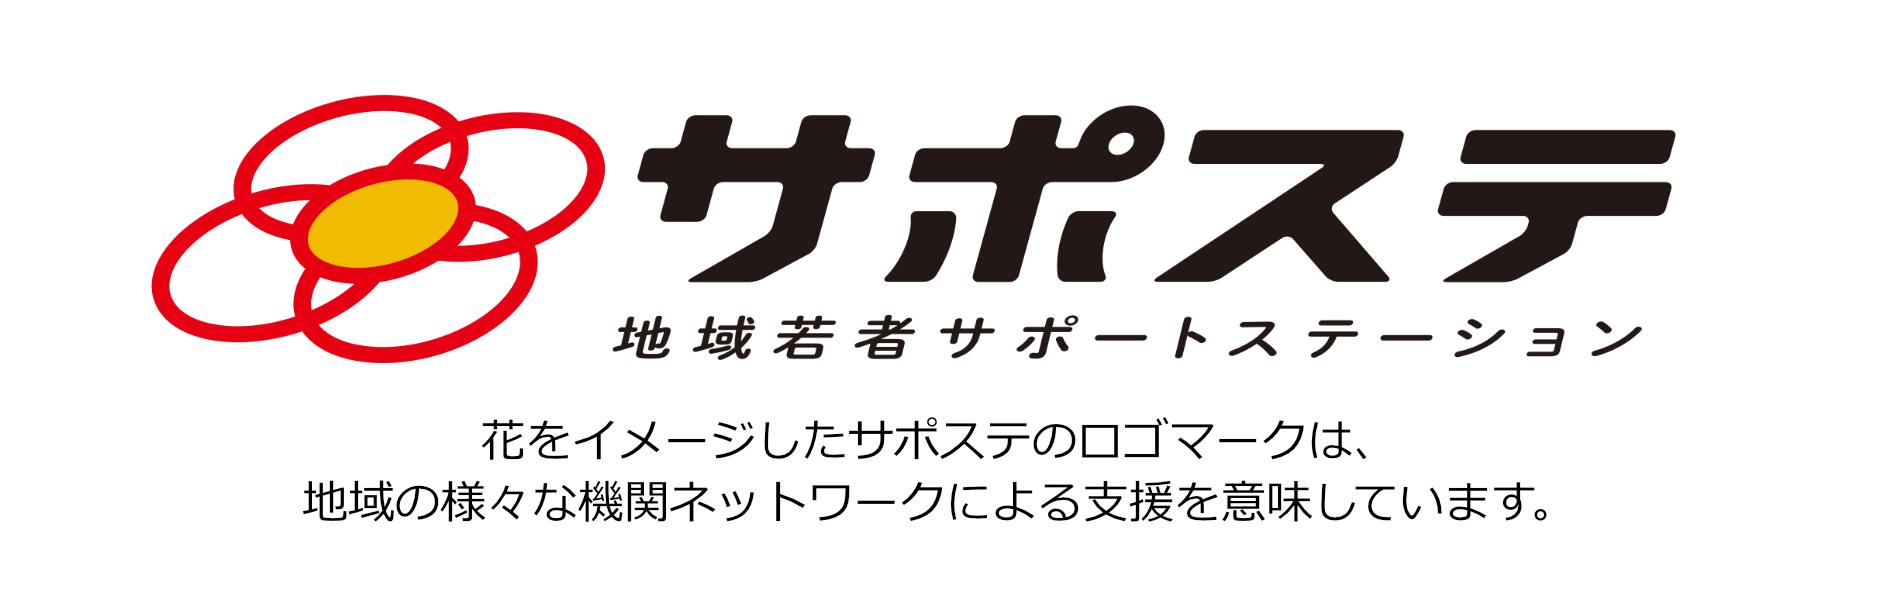 神奈川県西部地域若者サポートステーション